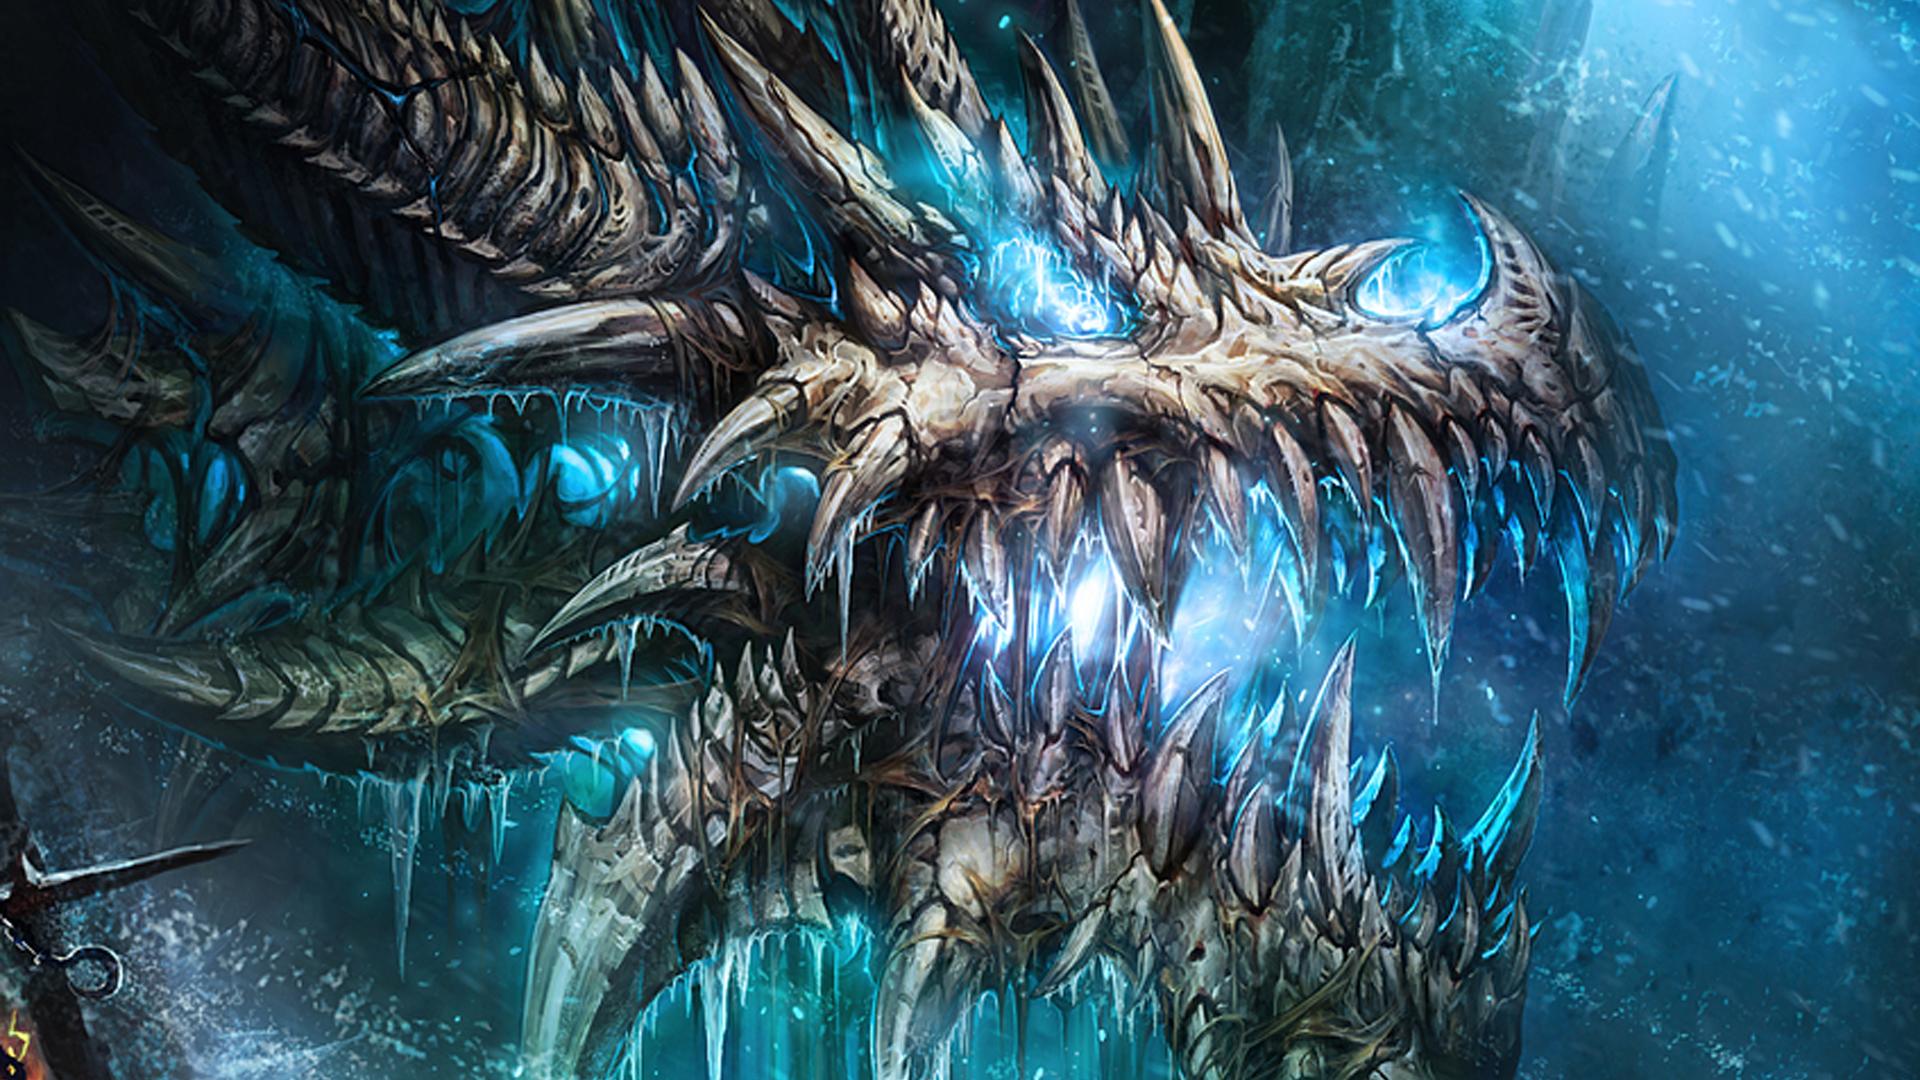 World Of Warcraft Wallpaper Wow Dragon Slimebuck Art